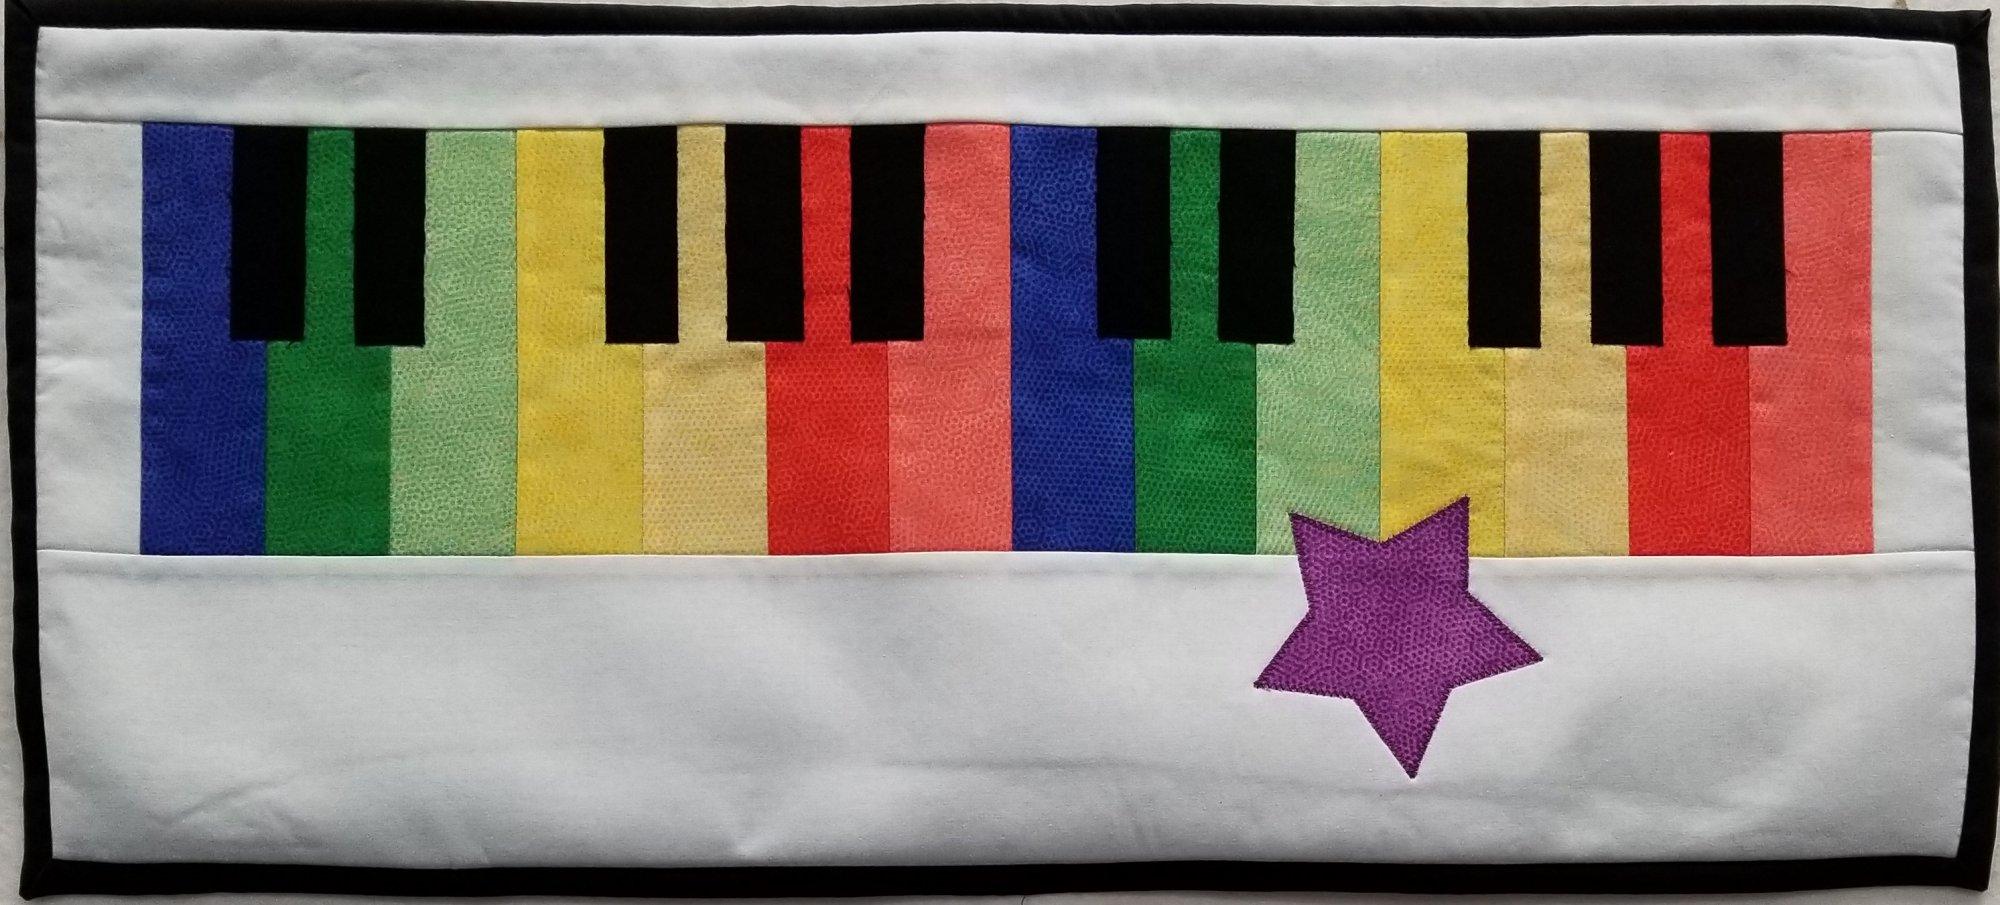 2018 Row by Row JR Piano Keys*